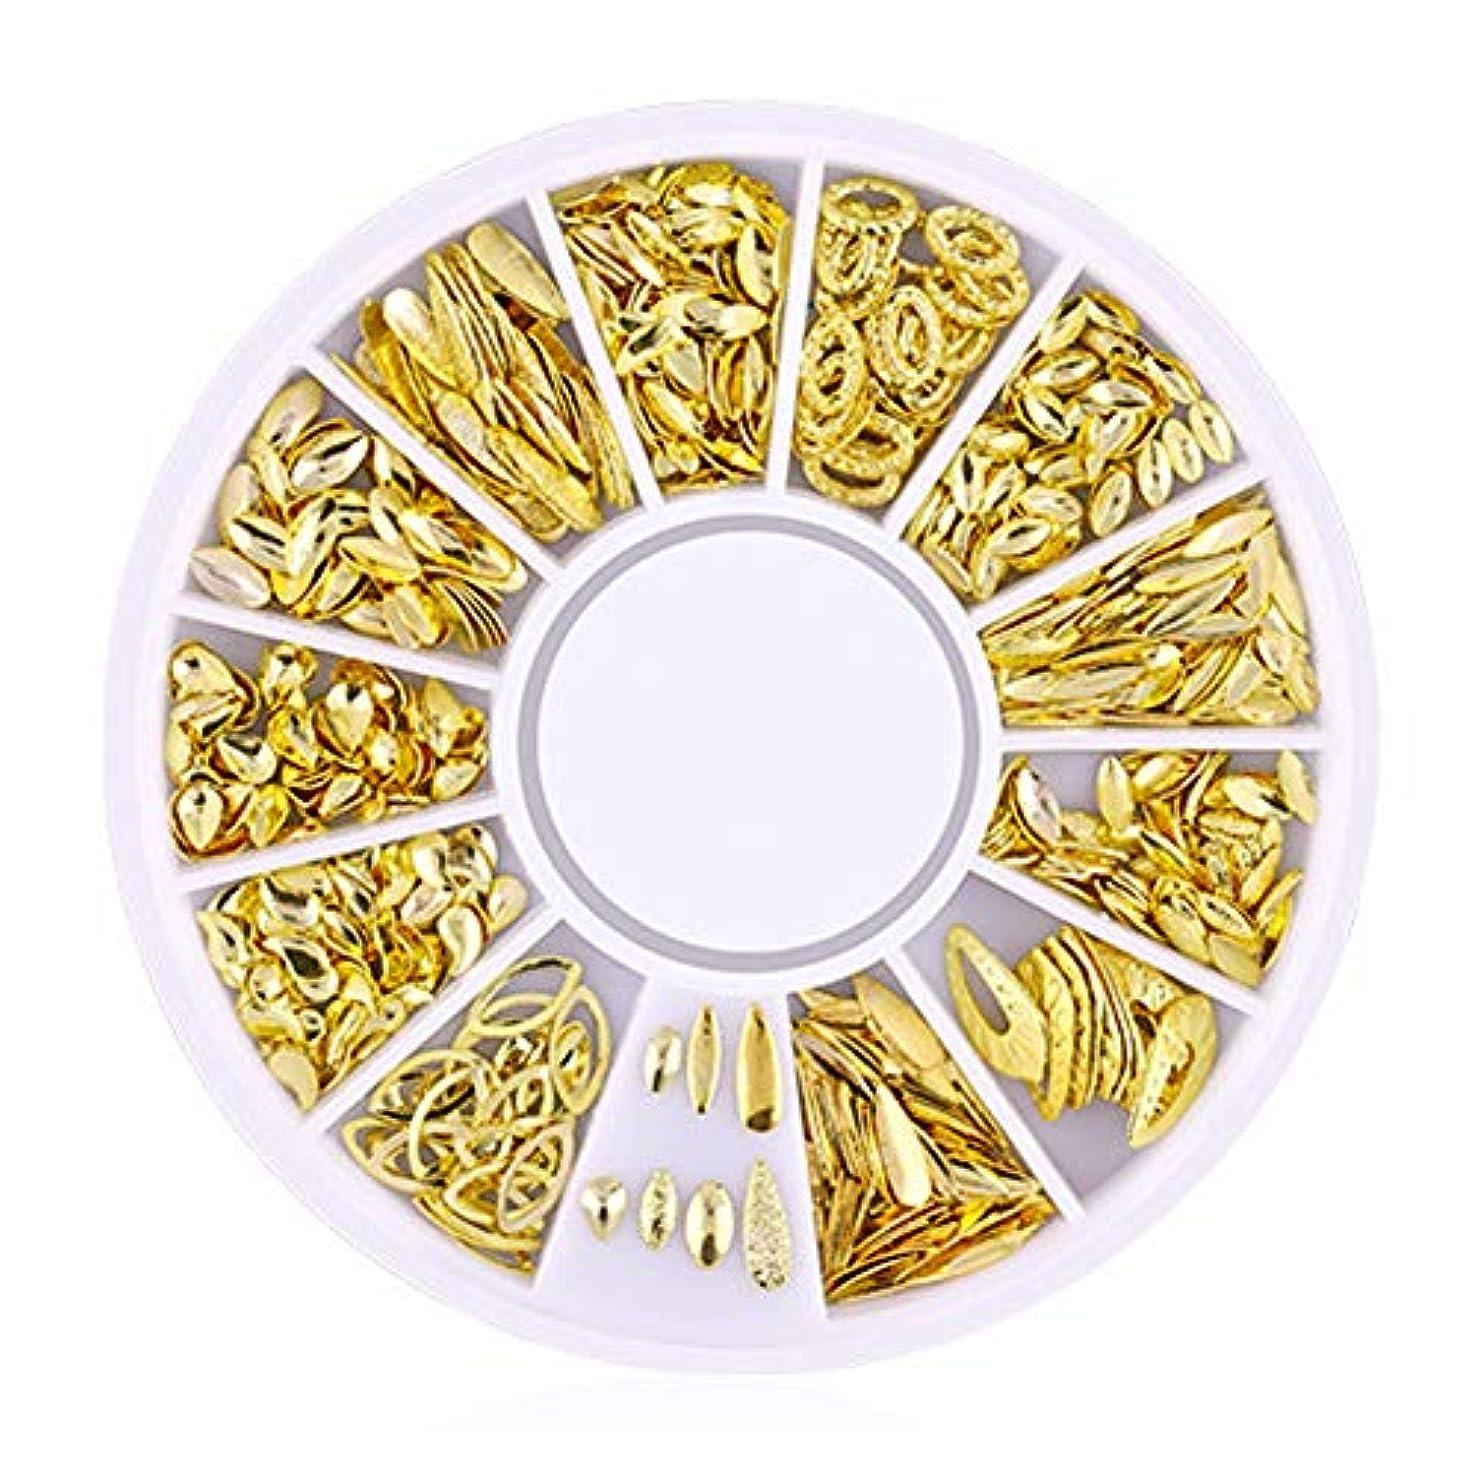 繁殖栄光苦いSnner 3D ネイルパーツ メタル ゴールド ハート 星 月 花 蝶結び 幾何風 12種形 ネイルデコレーション 円型ケース入リ ピンクケース 200点セット (幾何風2)